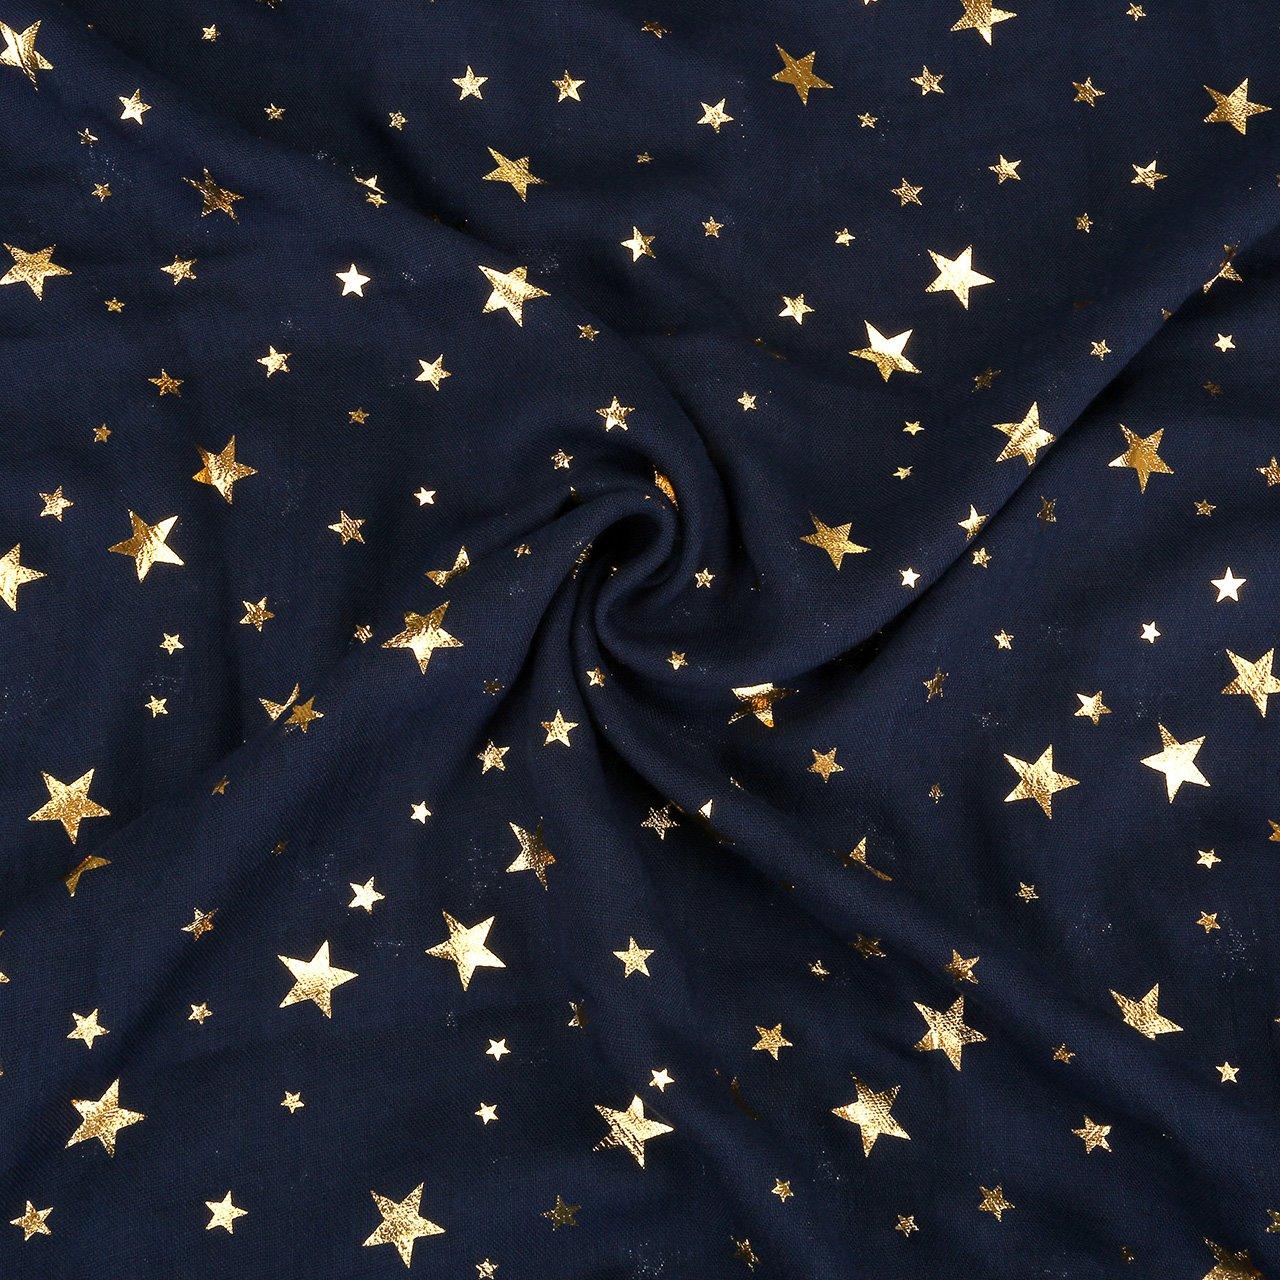 6fd4e16149b CHIC DIARY Echarpe Cercle Ronde Tube Tour de Cou Ring O Cache-nez Motif  Etoile Souple Légère pour Femme Fille(Bleu marine)  Amazon.fr  Vêtements et  ...